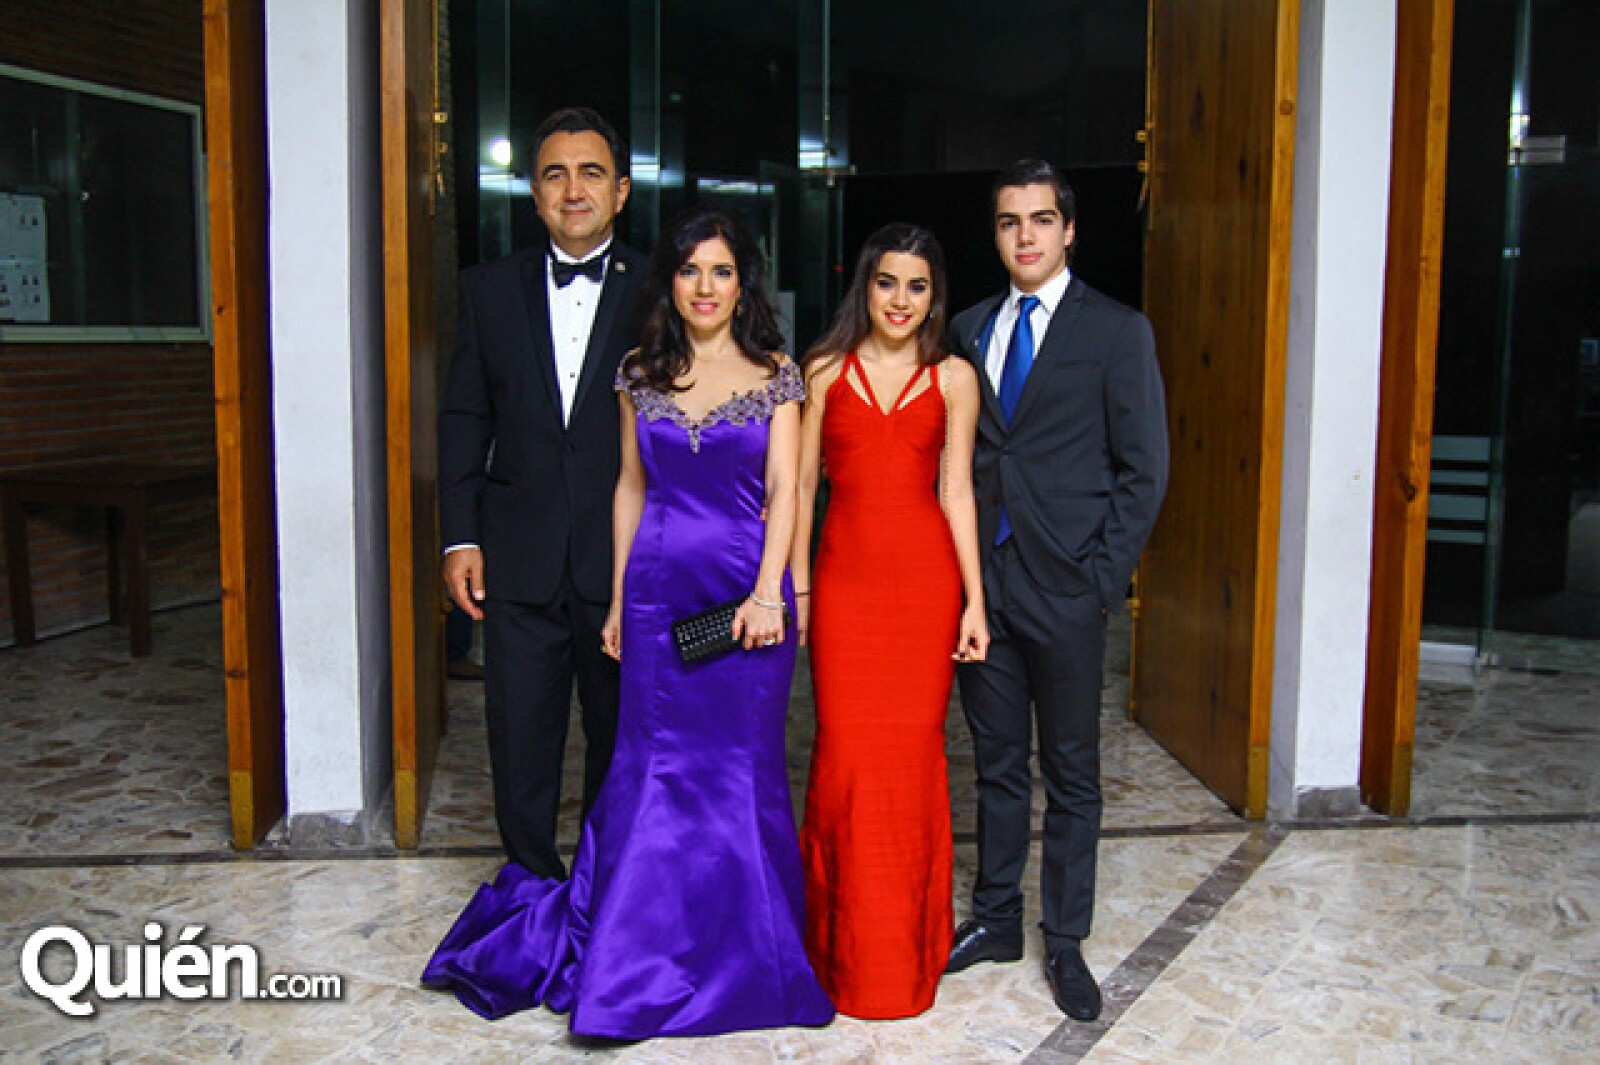 Abdo Esper,Mónica Marcos de Esper,Sofía Esper y Abdo Esper